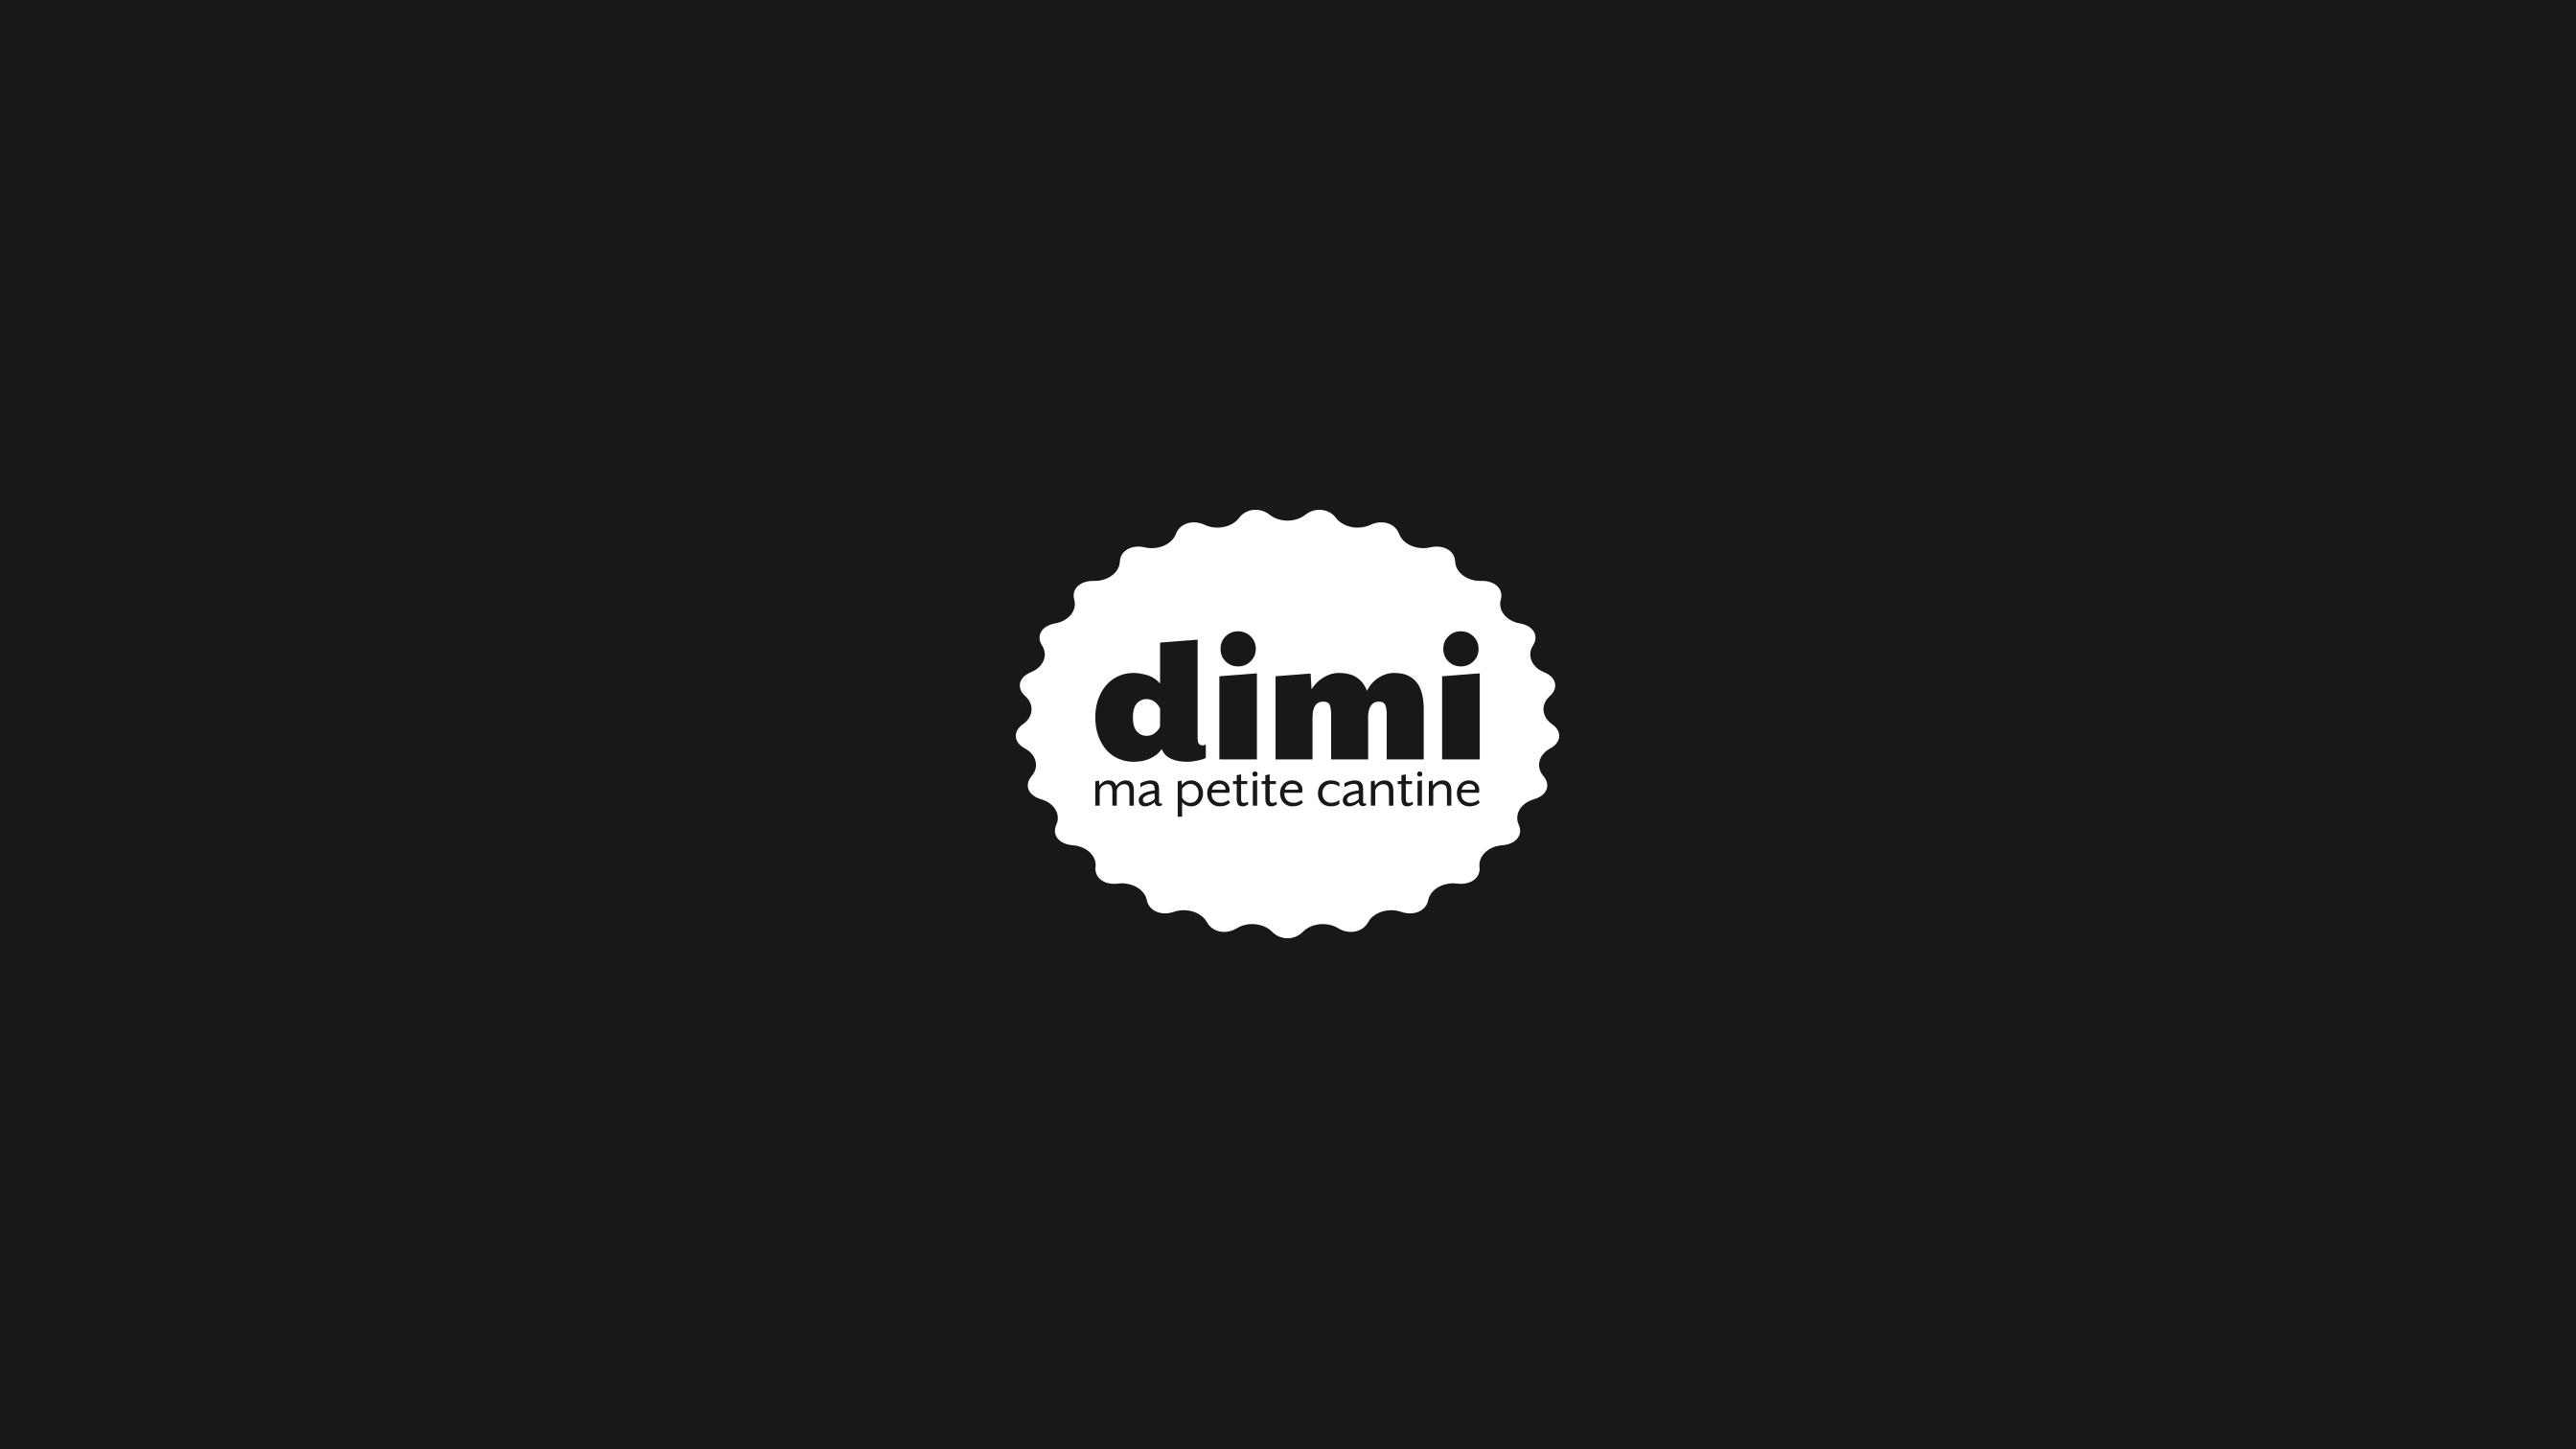 showcase-logotype-dimi